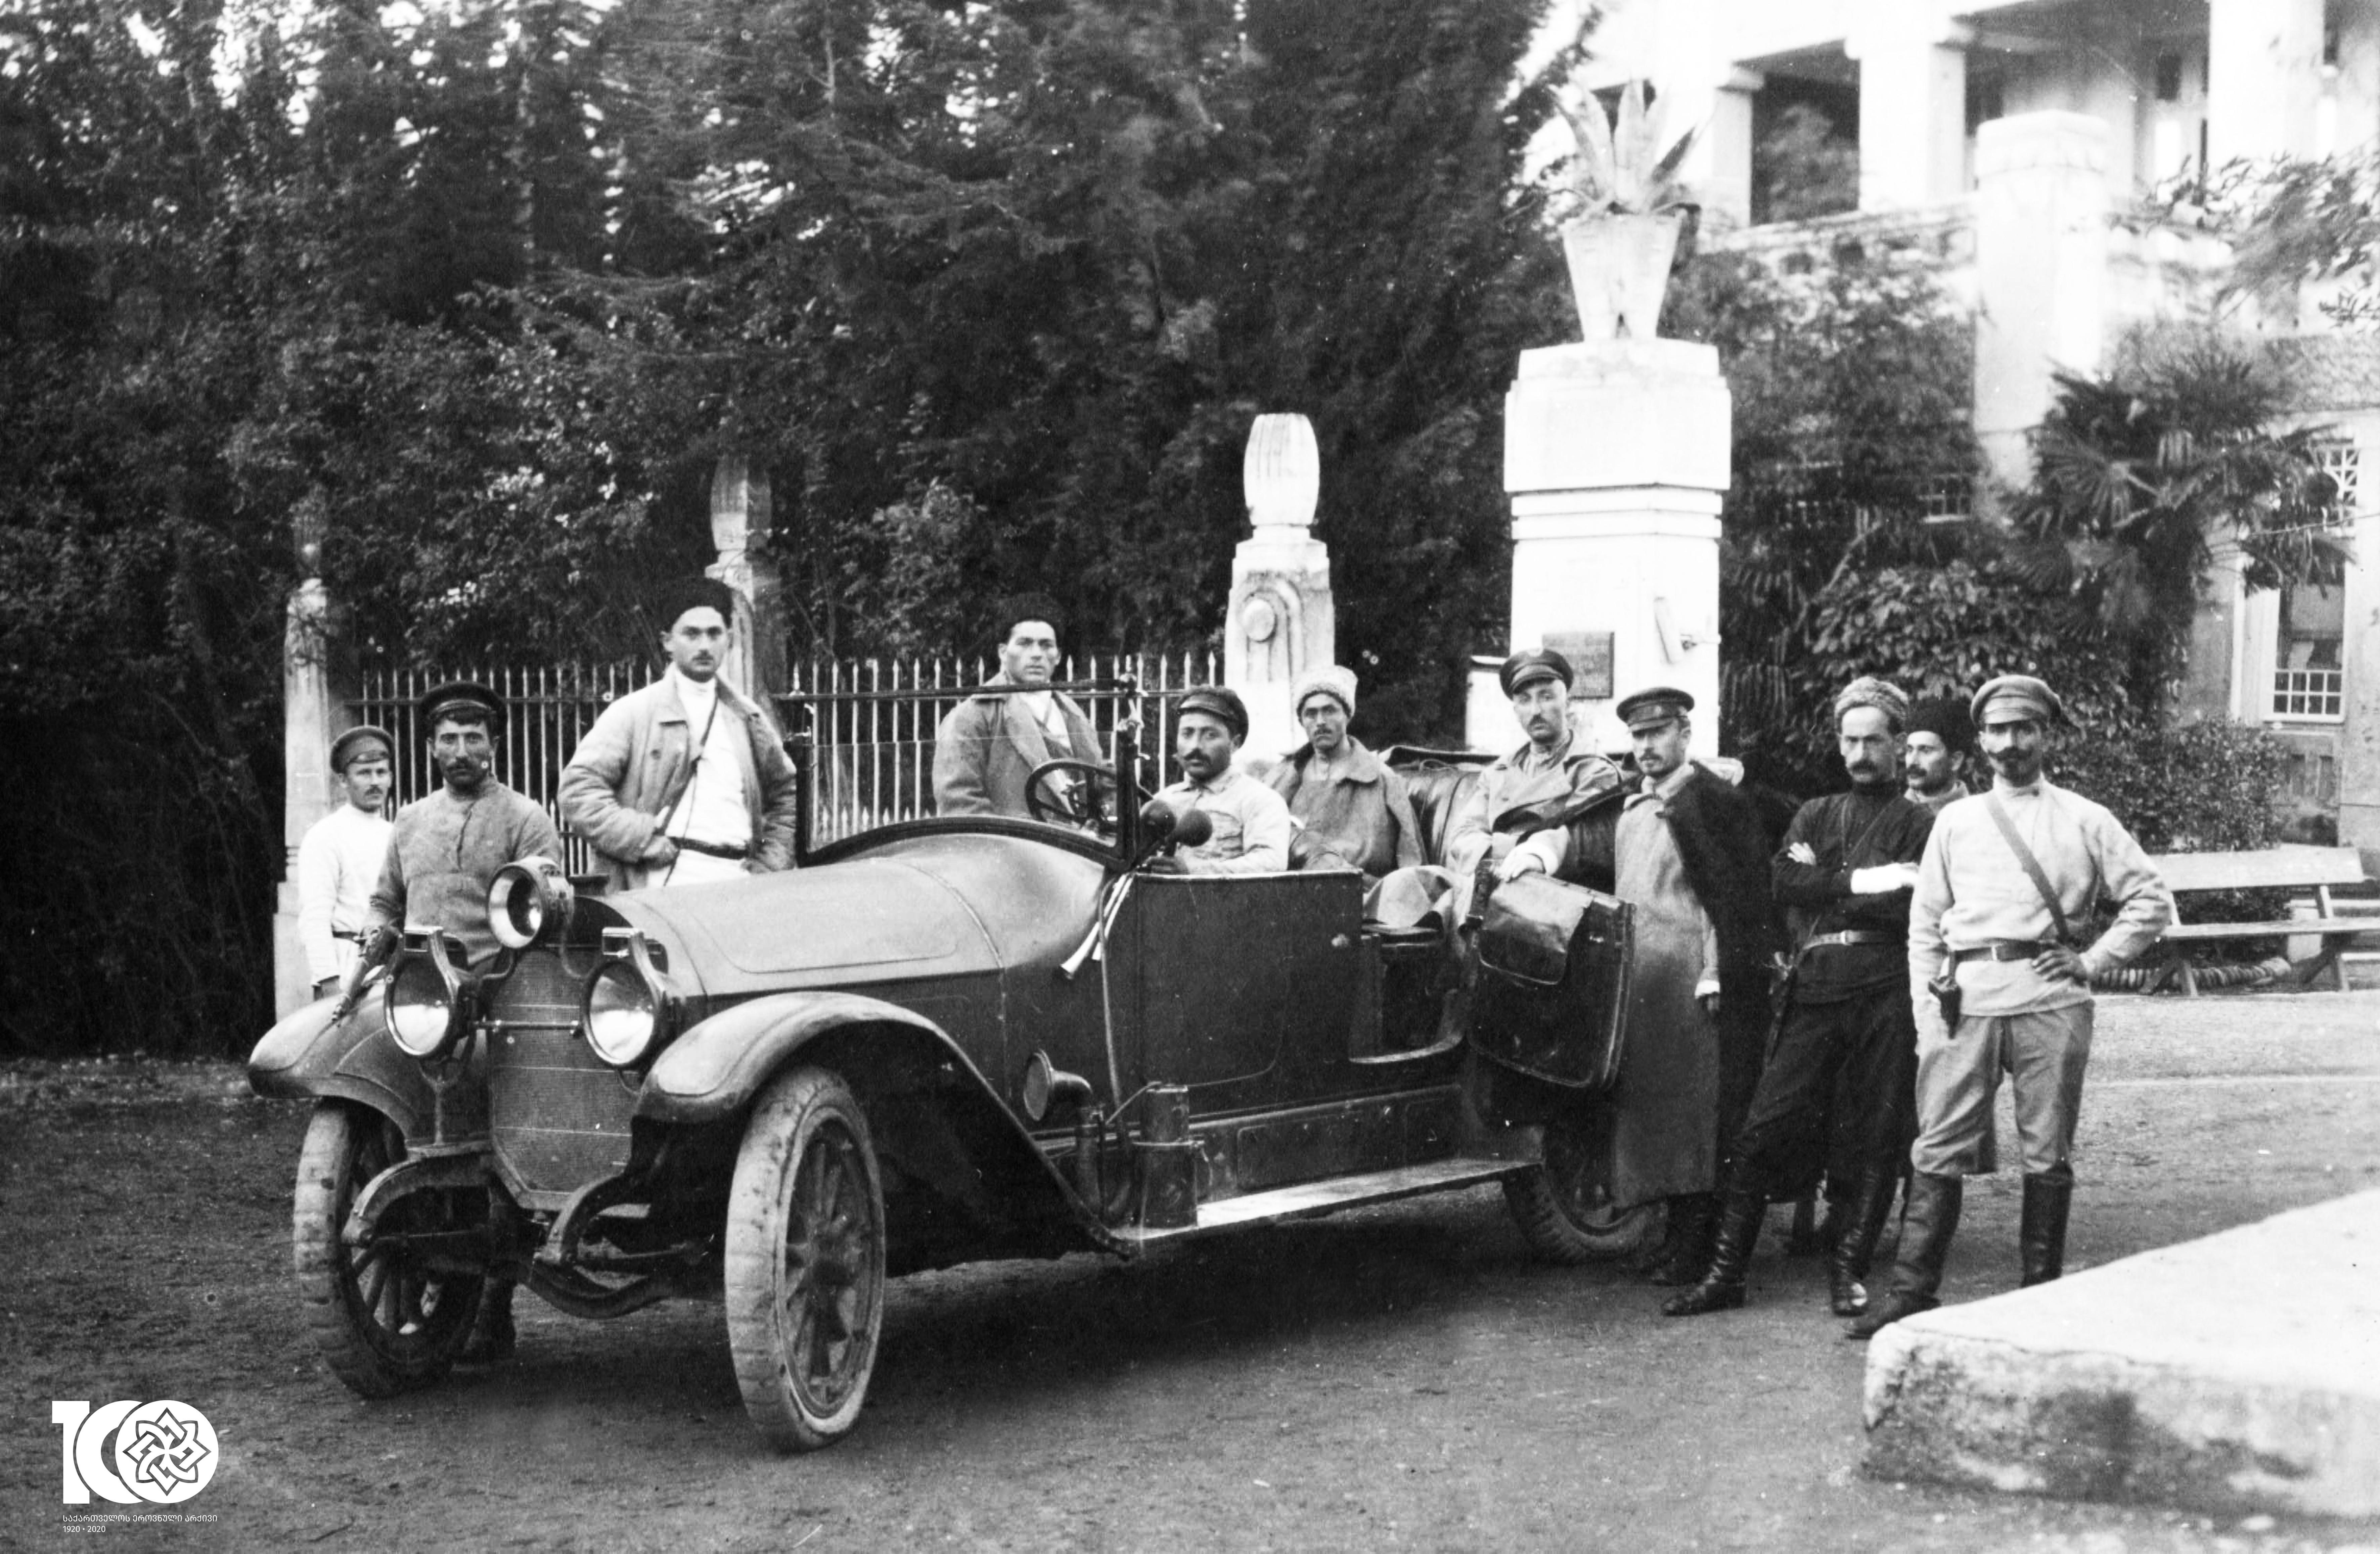 სახალხო გვარდიელები. მანქანის უკანა სავარძელზე ზის ვალიკო ჯუღელი - გვარდიის მთავარი შტაბის უფროსი. ფოტო გადაღებულია გვარდიელების სოჭიდან სოხუმში გამგზავრების წინ. 1918 წელი.  <br> People's Guardsmen. Commander of the guard Valiko Jugheli sits on the back seat. Photo is taken before the departure of the guardsmen from Sochi to Sokhumi. 1918.